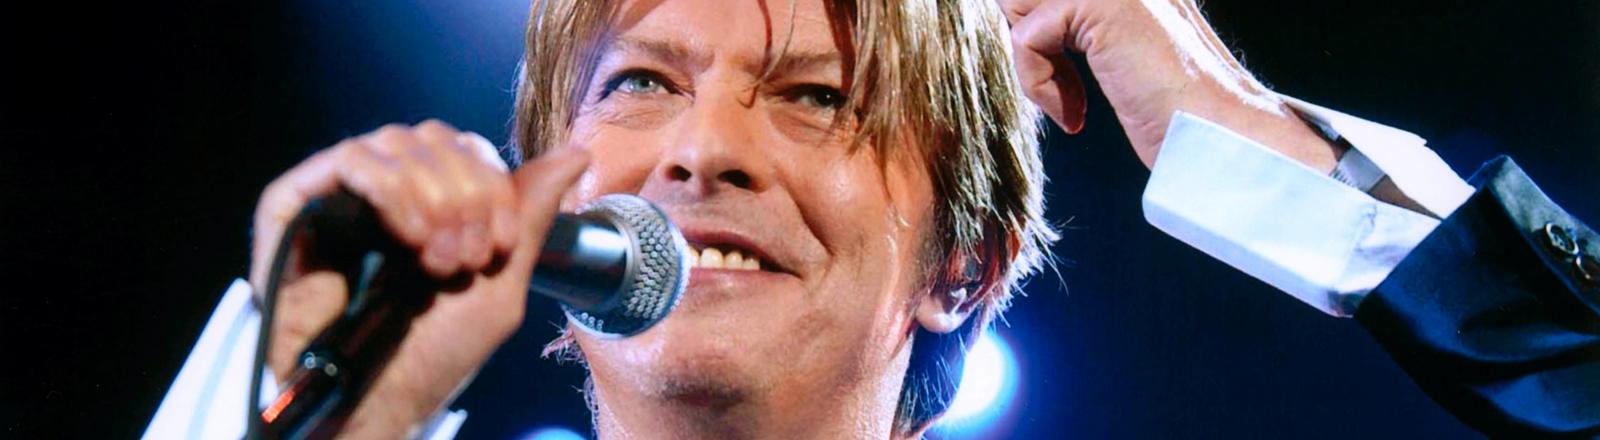 David Bowie mit Mikro auf der Bühne